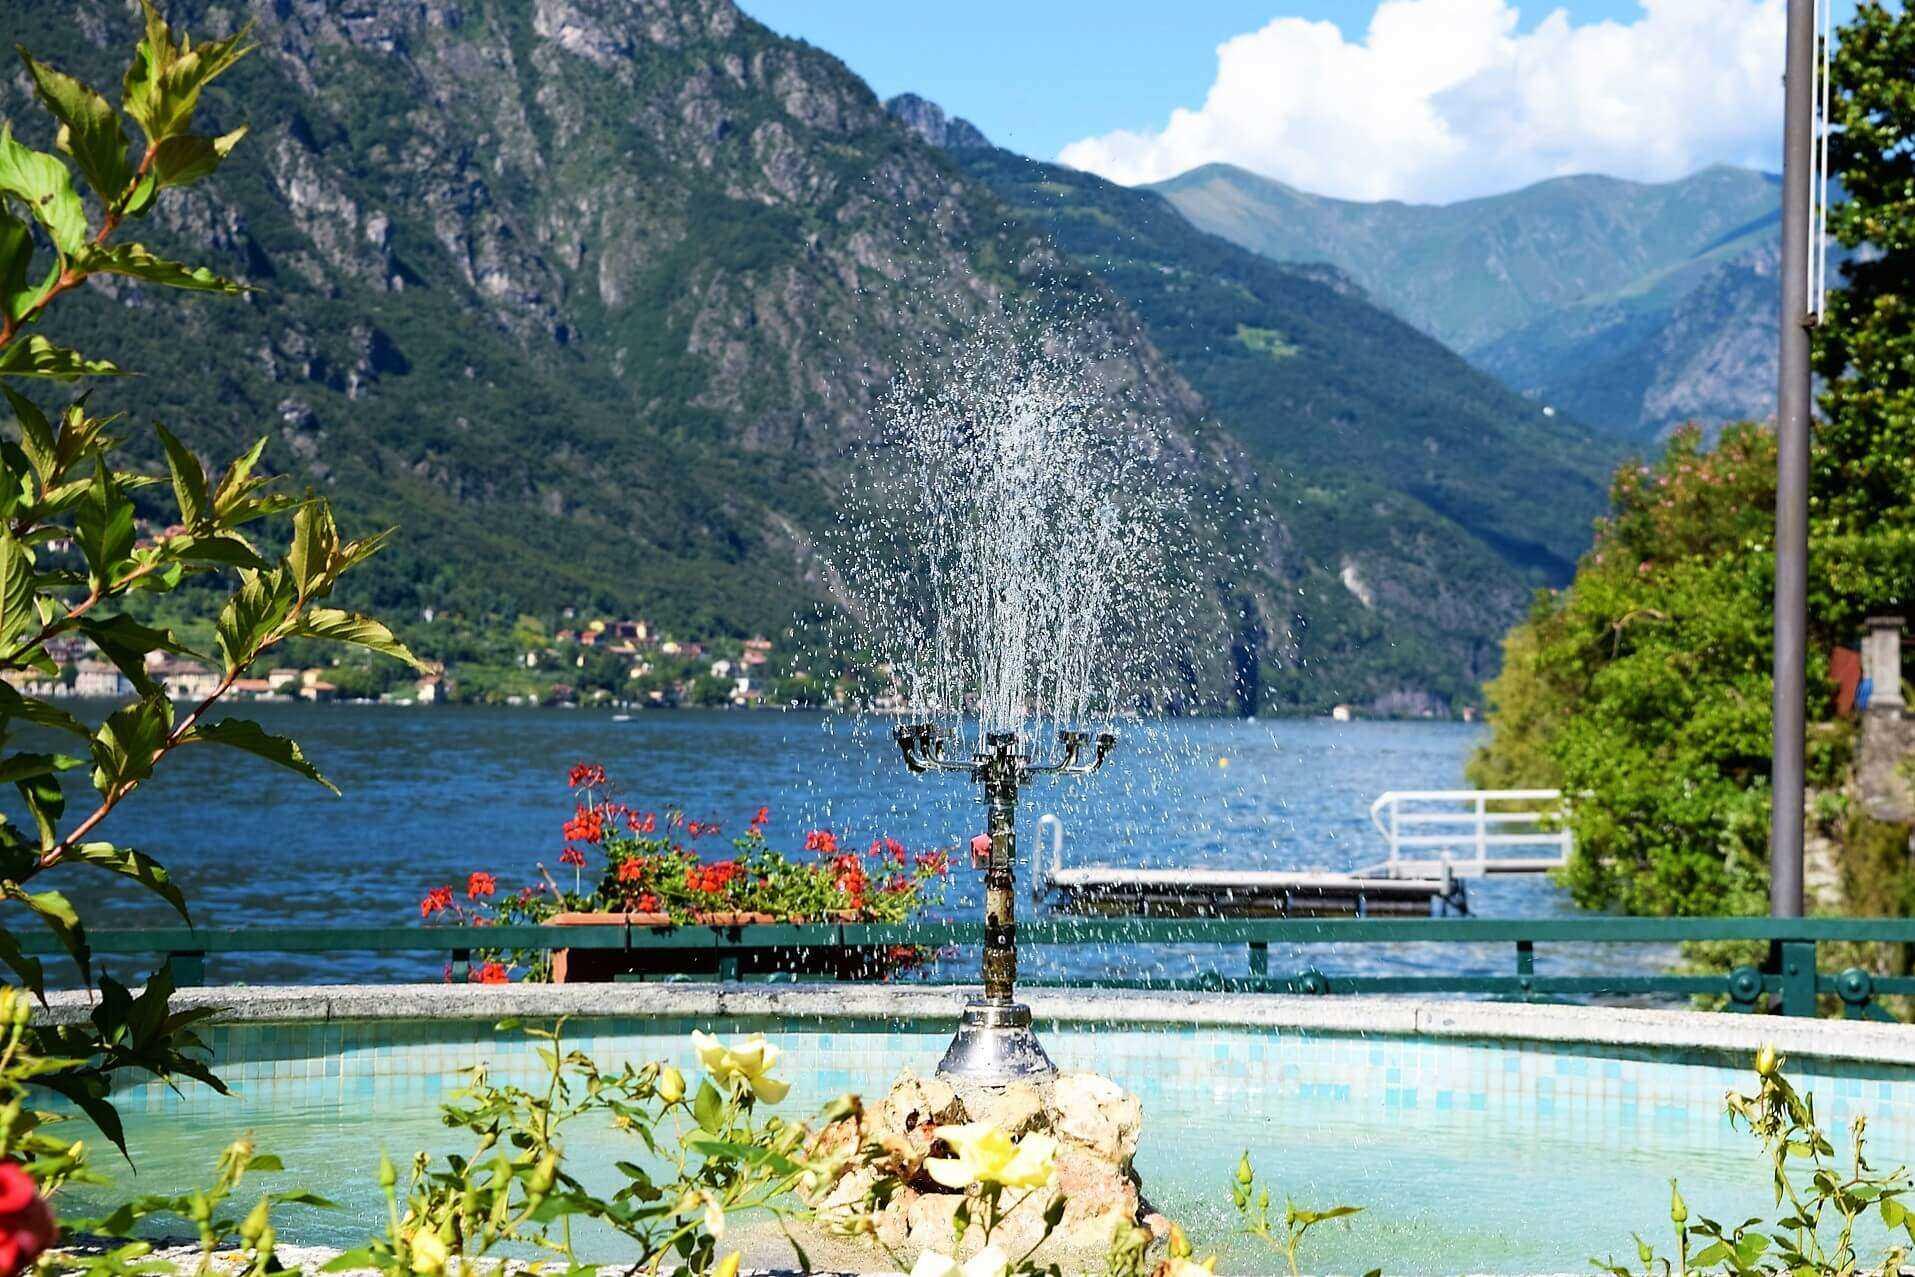 Direktflüge und Billigflüge nach Lugano